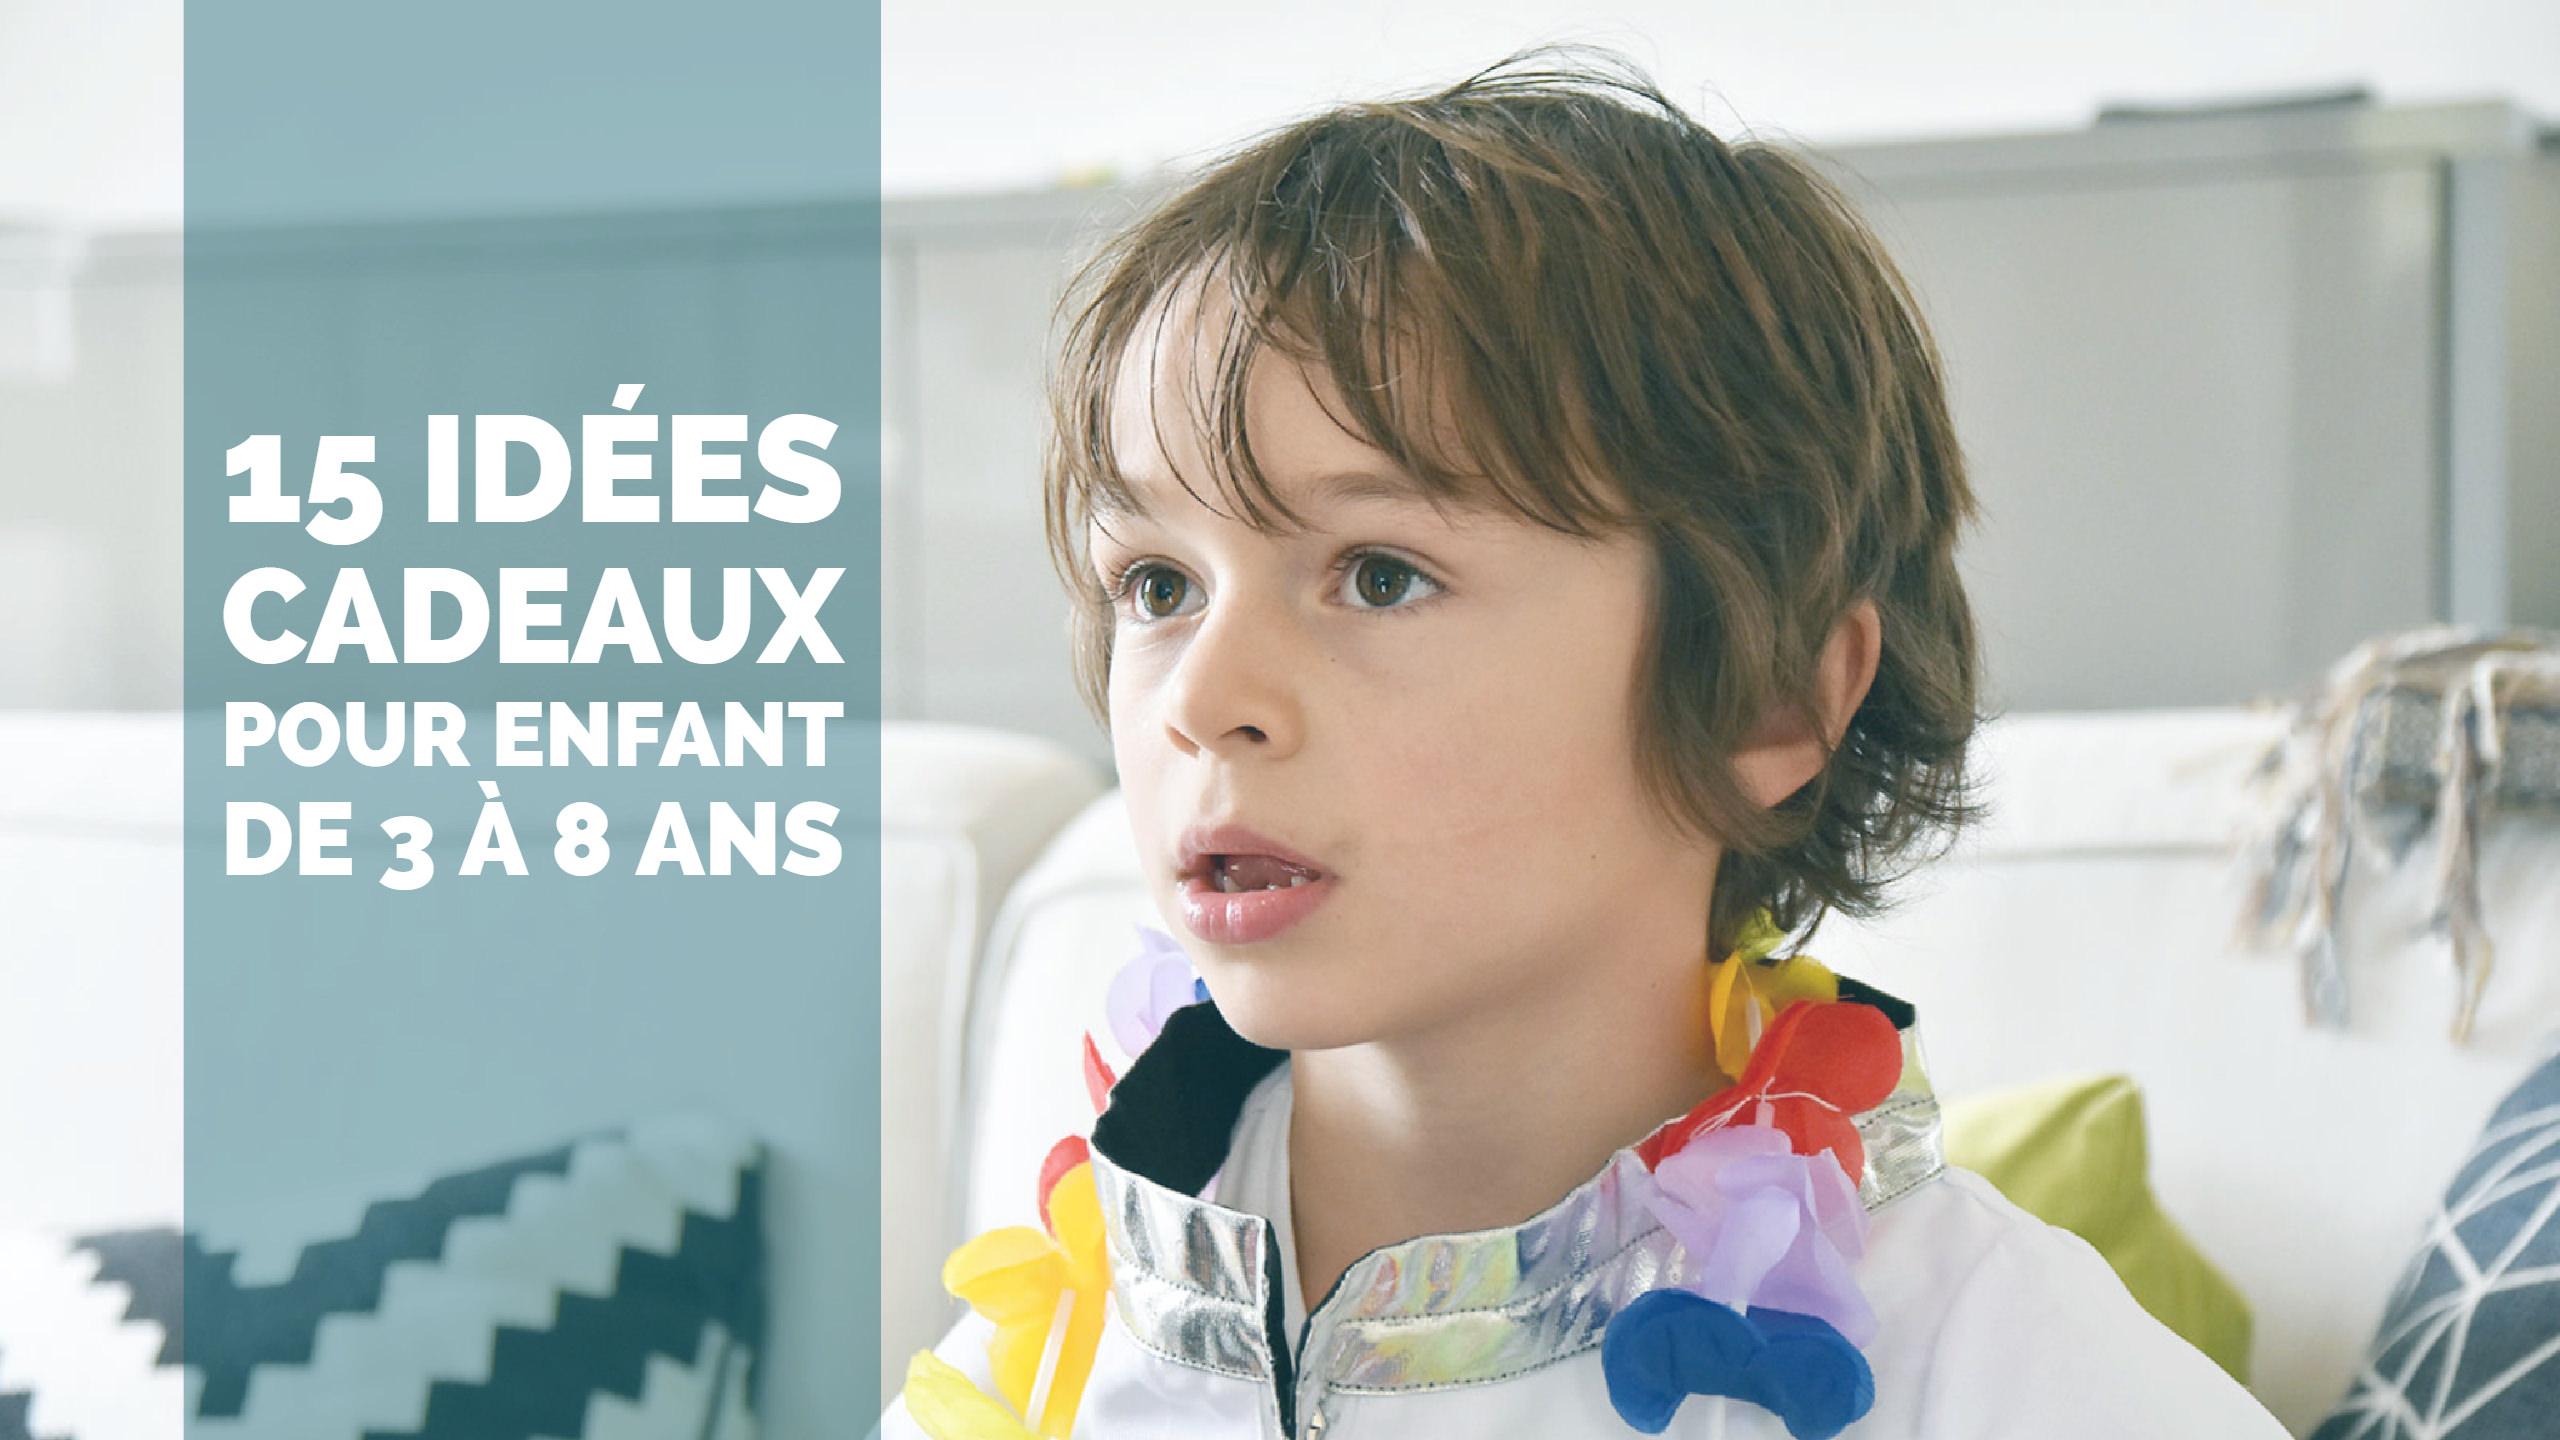 Idée De Cadeau Pour Enfant De 3 Ans À 8 Ans - Be Frenchie serapportantà Jeux En Ligne Garcon 3 Ans